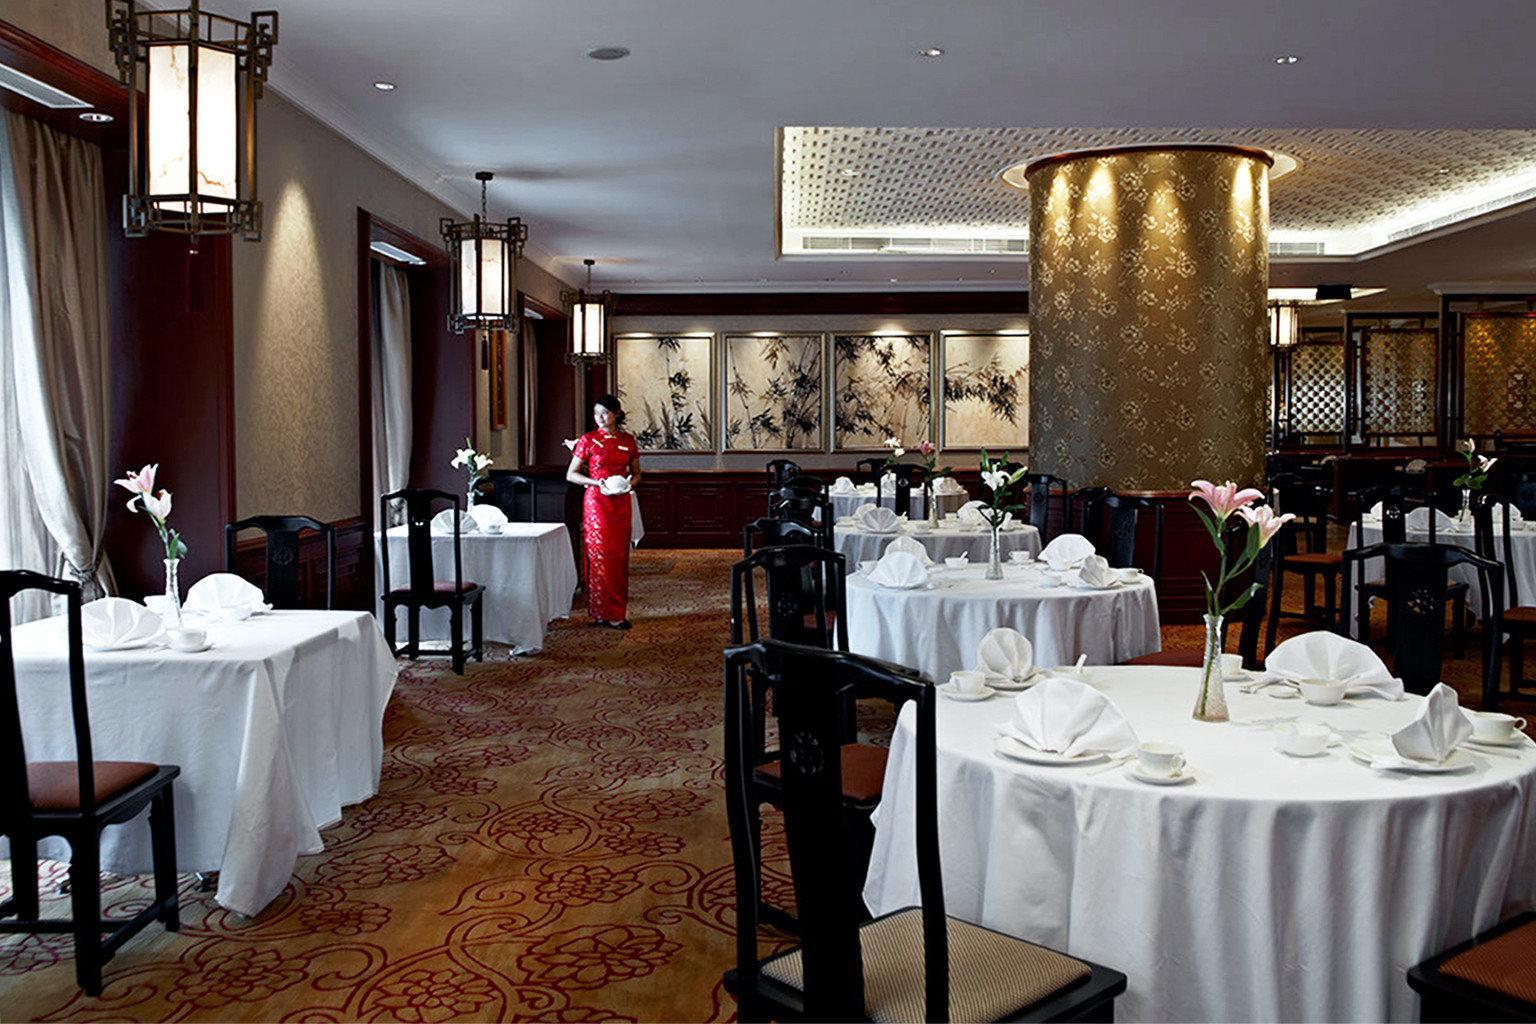 function hall restaurant banquet ballroom wedding reception rehearsal dinner